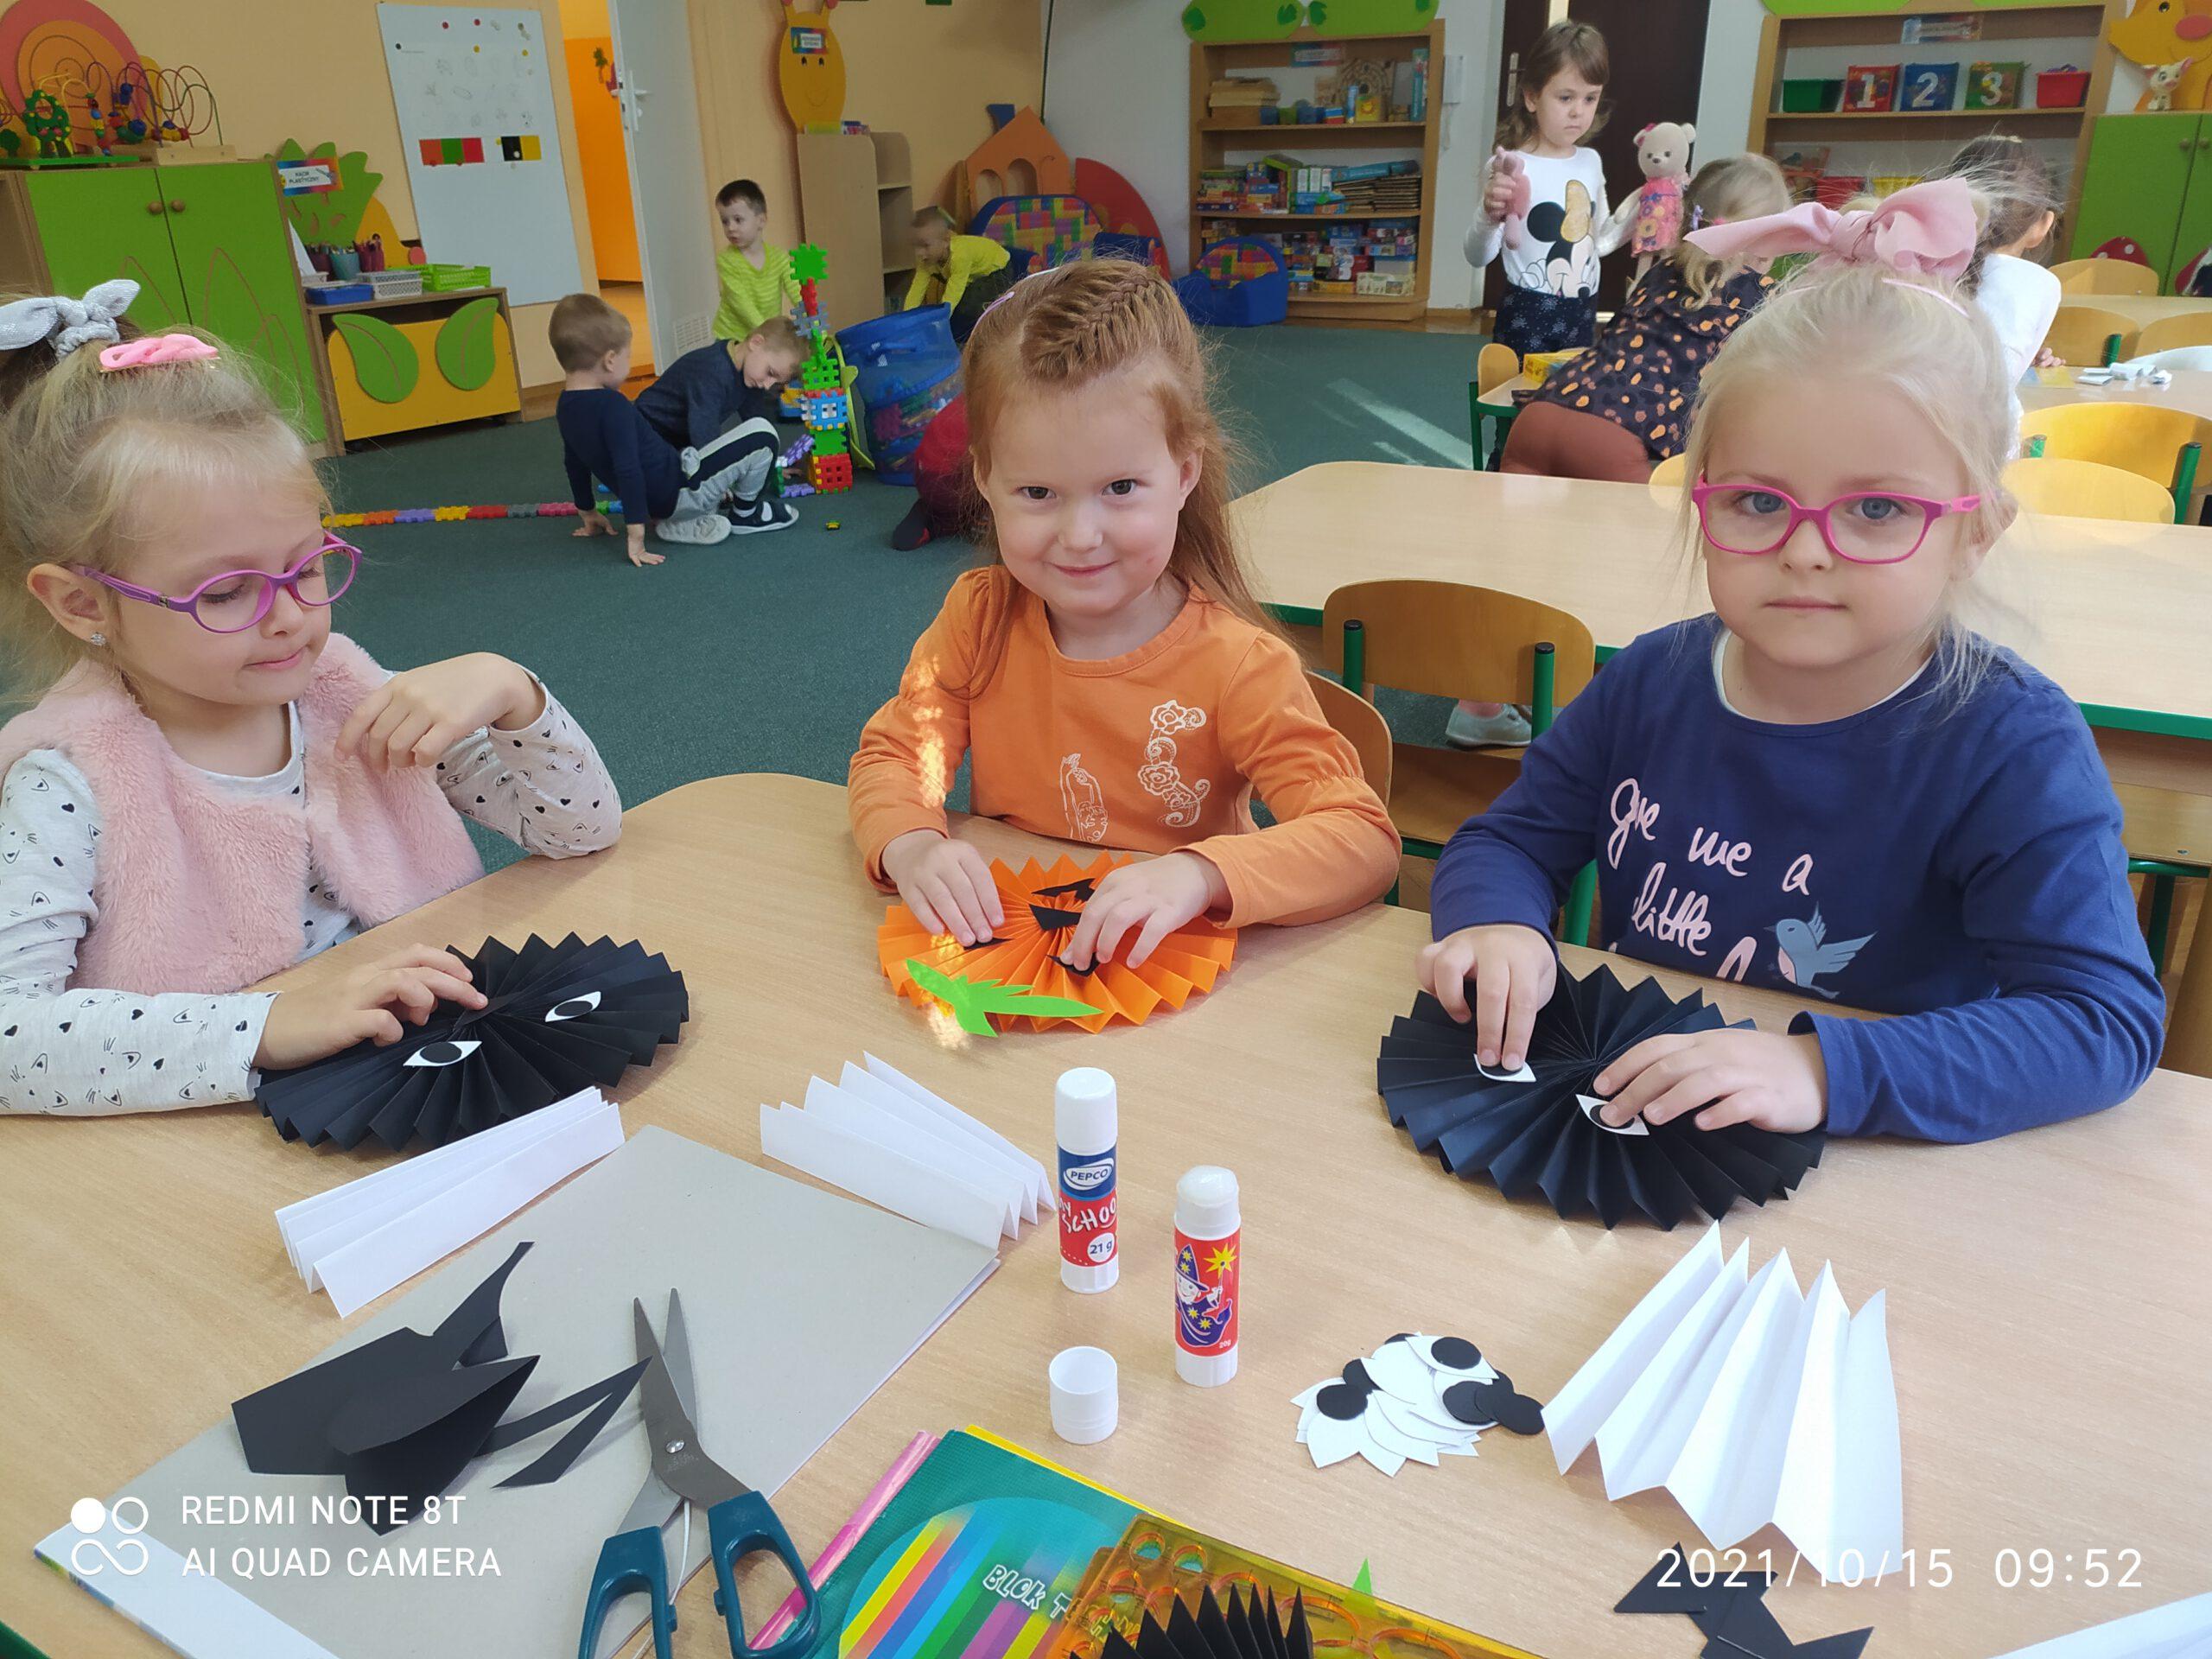 Dziewczynki ozdabiają swoje wachlarze naklejając oczy, nosy, usta, uszy i ręce.